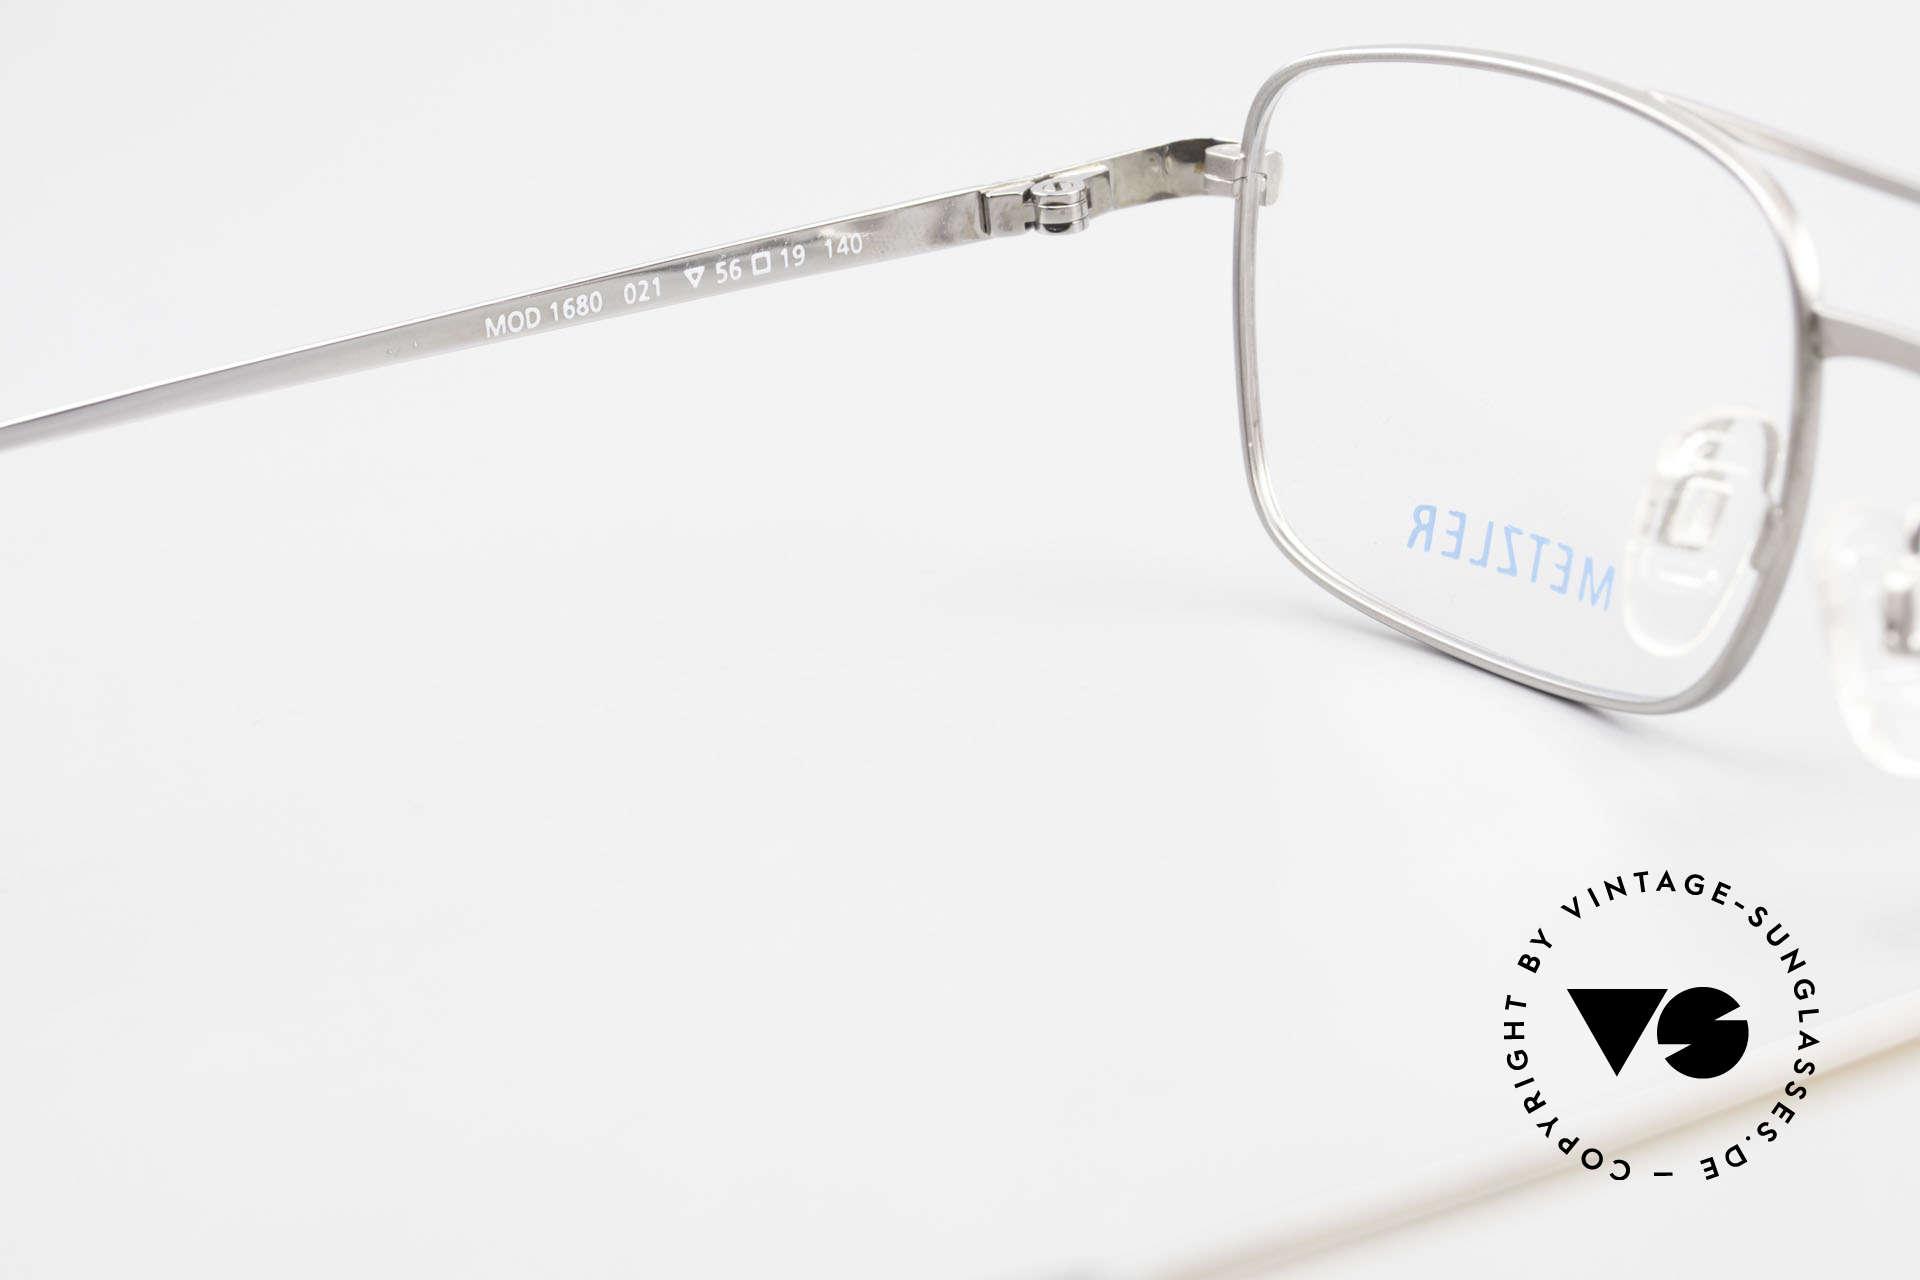 Metzler 1680 90's Titan Eyeglasses For Men, the frame can be glazed with optical (sun) lenses, Made for Men